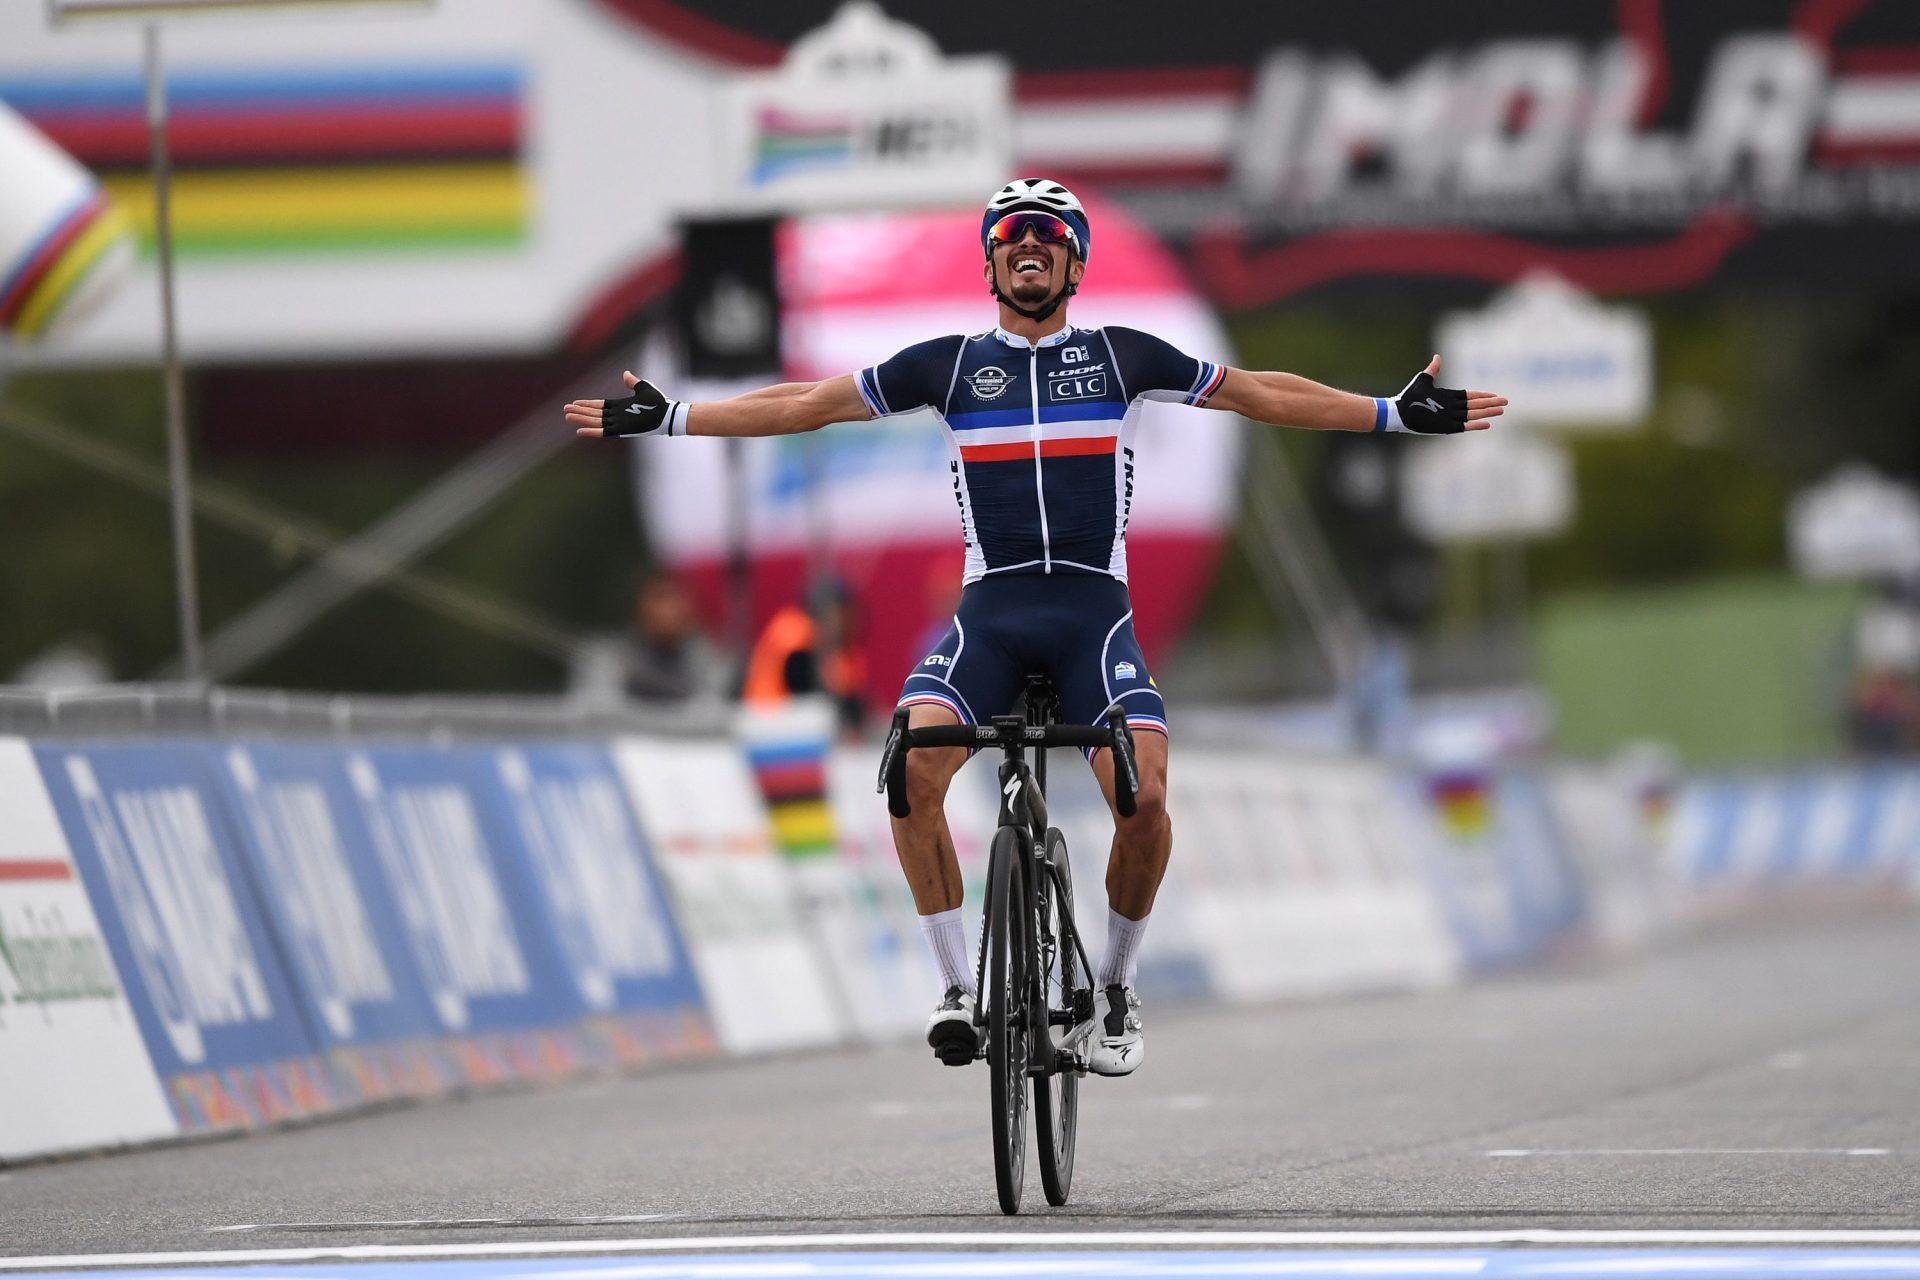 Julian Alaphilippe projíždí triumfálně cílem mistrovství světa v Imole. Foto: Tim De Waele/Getty Images/Deceuninck Quick Step